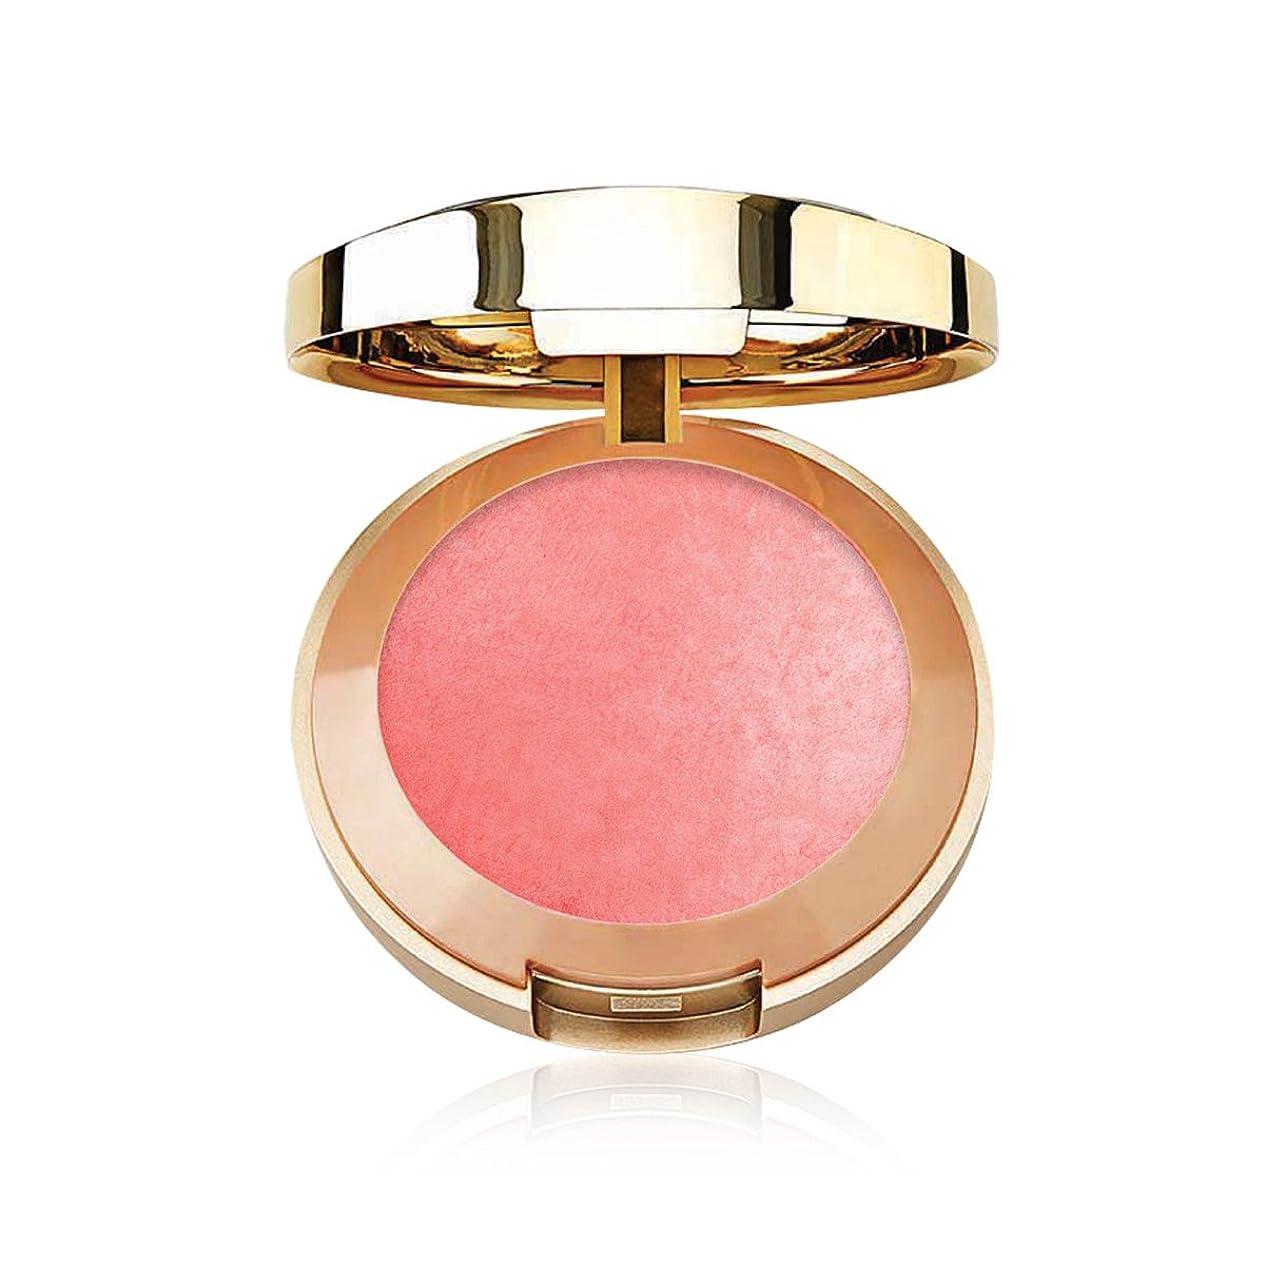 消去緑暴露するMILANI Baked Blush - Dolce Pink (並行輸入品)